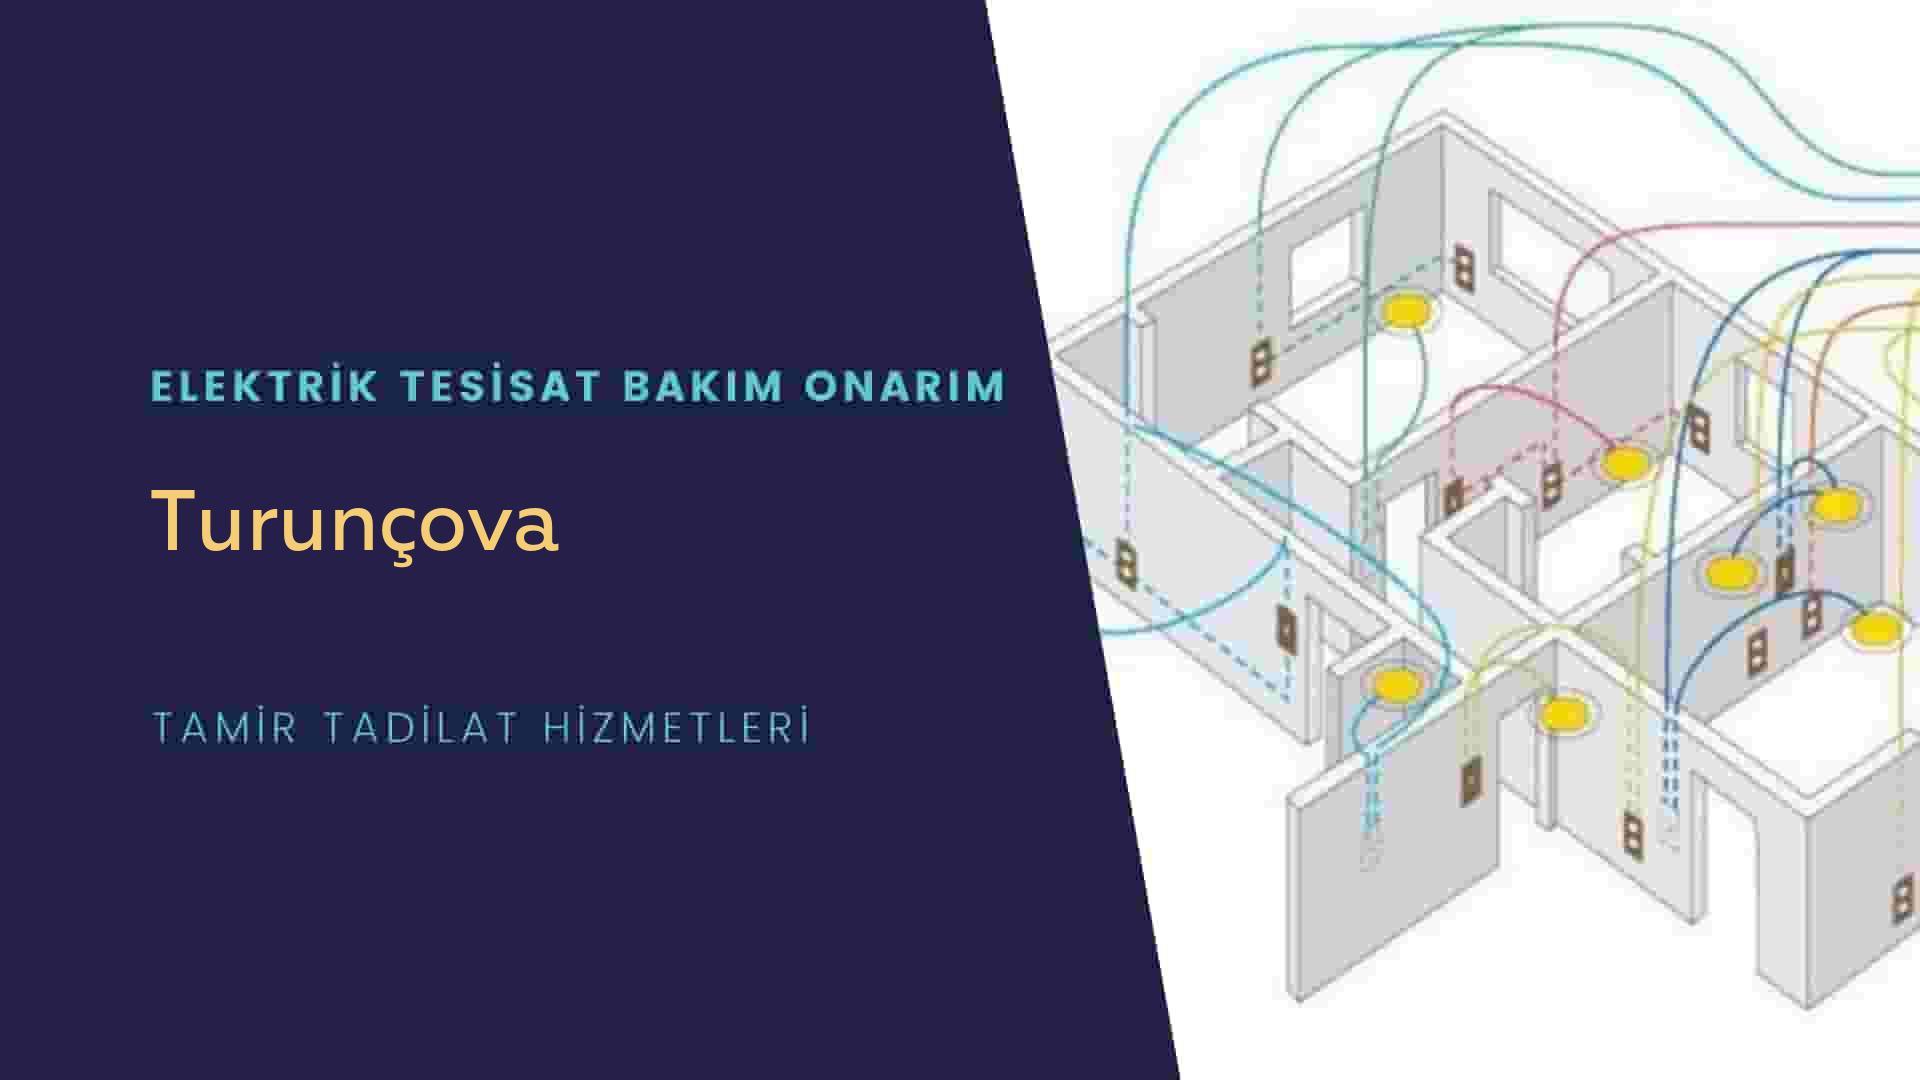 Turunçova'da elektrik tesisatıustalarımı arıyorsunuz doğru adrestenizi Turunçova elektrik tesisatı ustalarımız 7/24 sizlere hizmet vermekten mutluluk duyar.